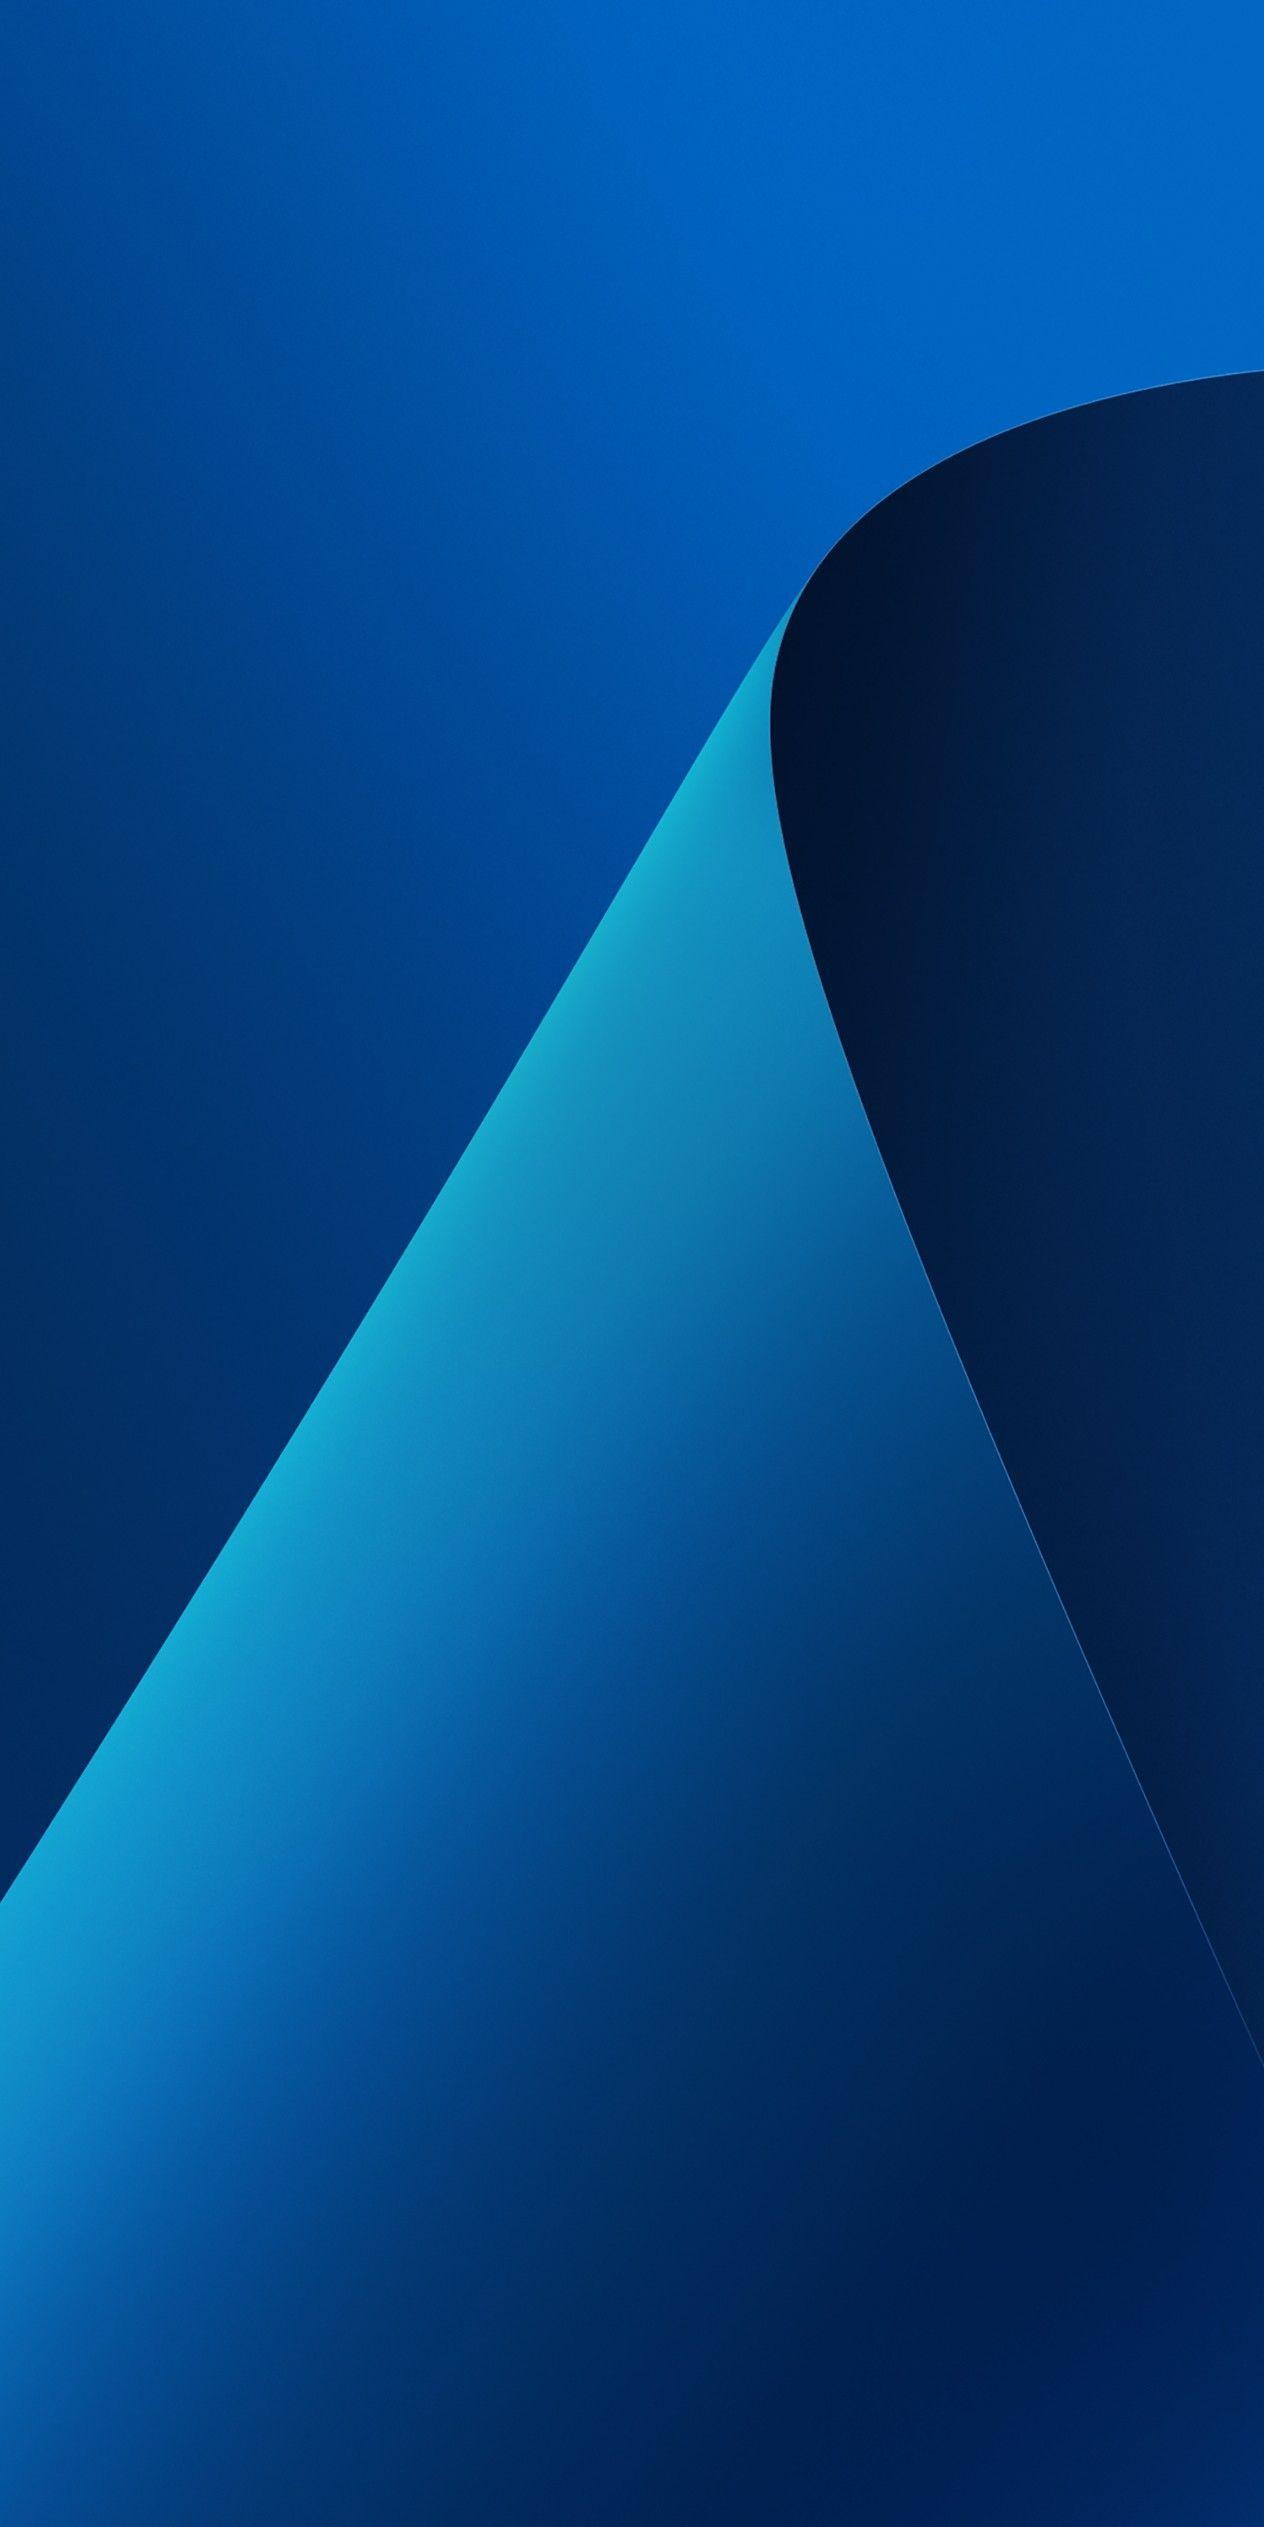 Asus Zenfone Wallpapers Top Free Asus Zenfone Backgrounds Wallpaperaccess